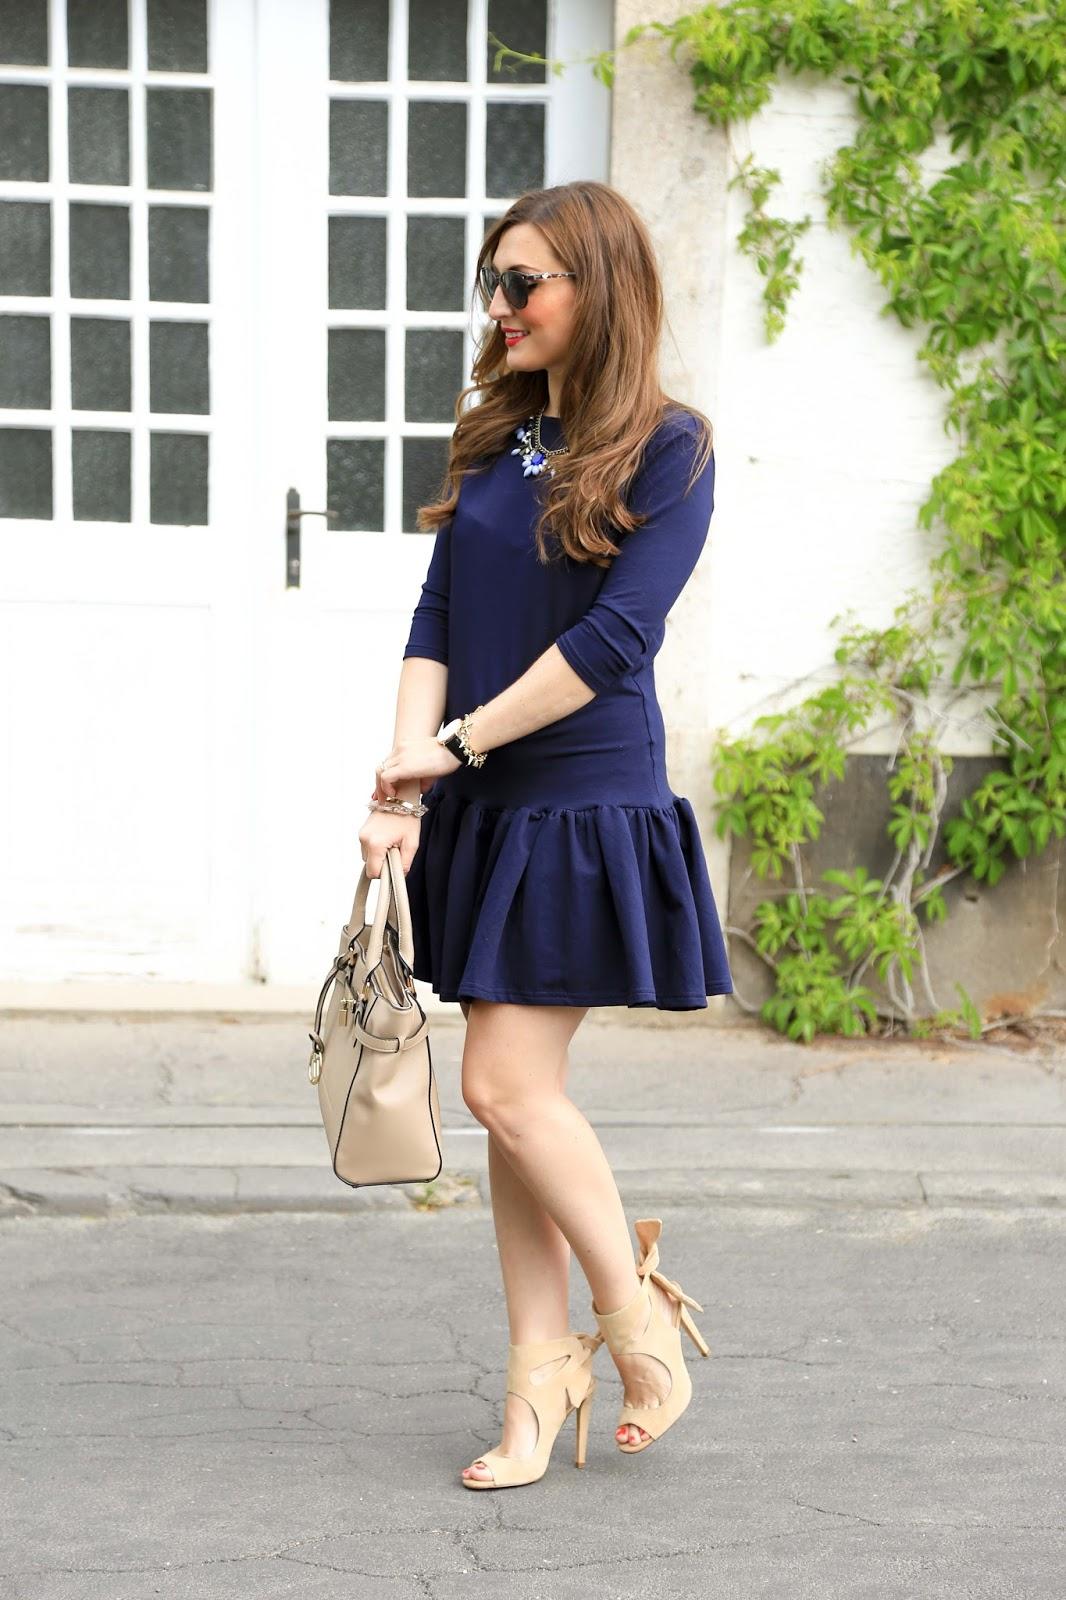 Peplum Kleid - Schößchenkleid Blogger - Fashionstylebyjohanna - Zara Heels